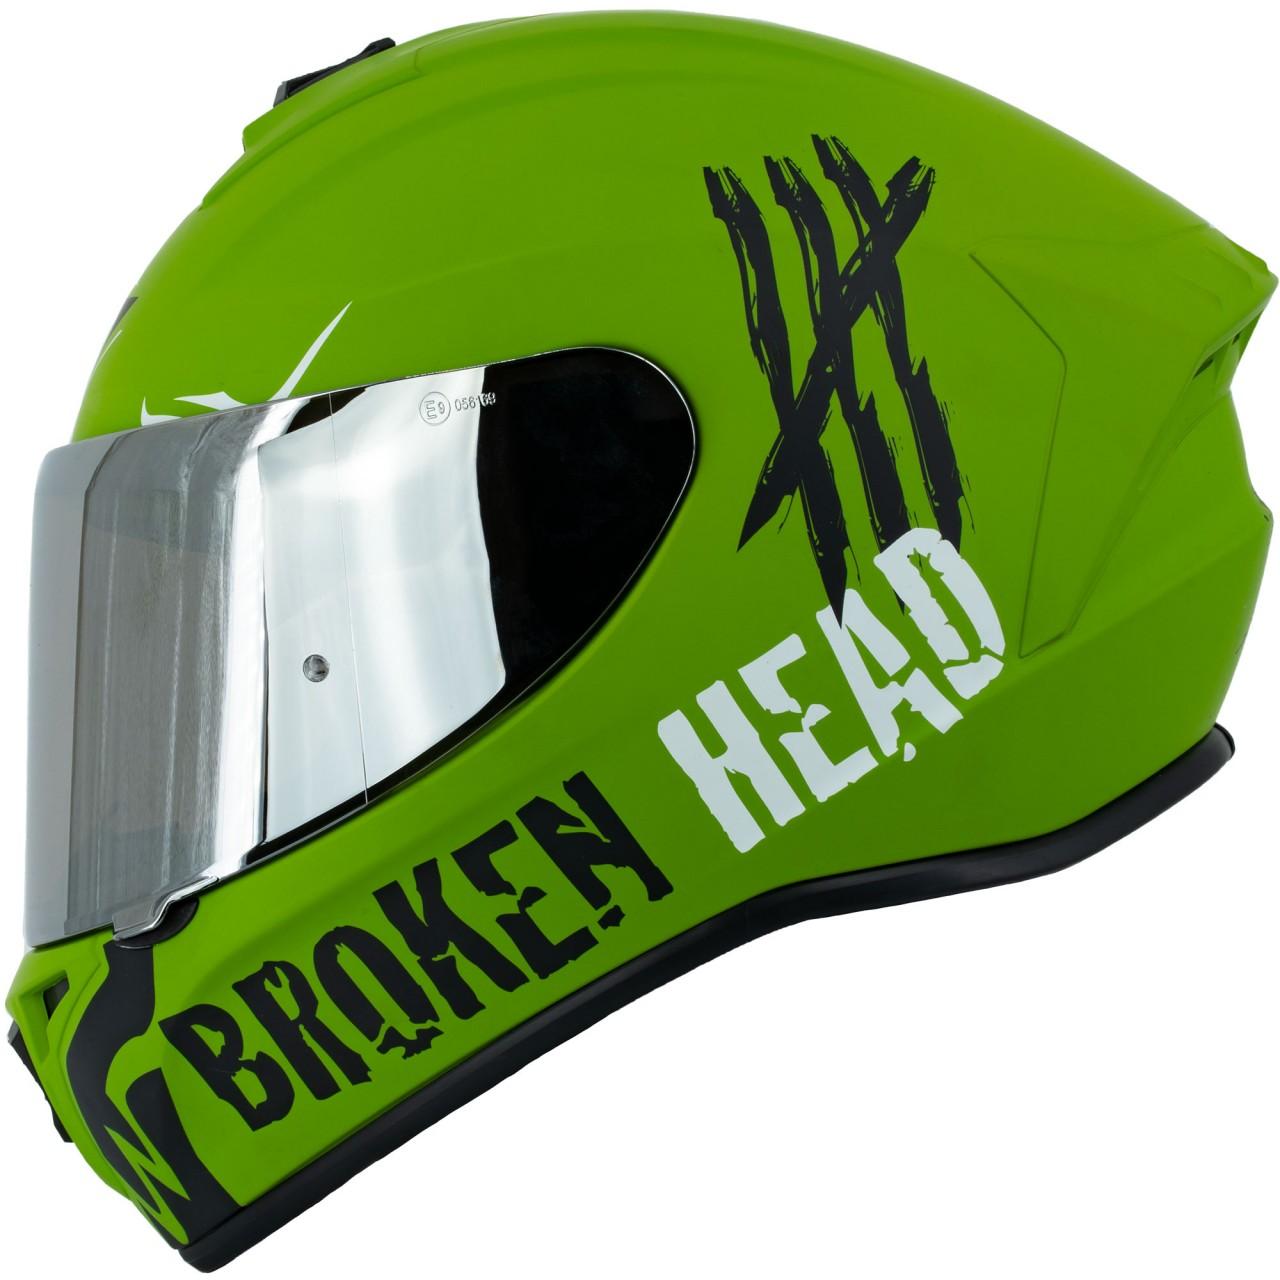 Sturzhelme Integralhelme Broken Head Integralhelm Adrenalin Therapy 4X Military + silber verspiegeltes...